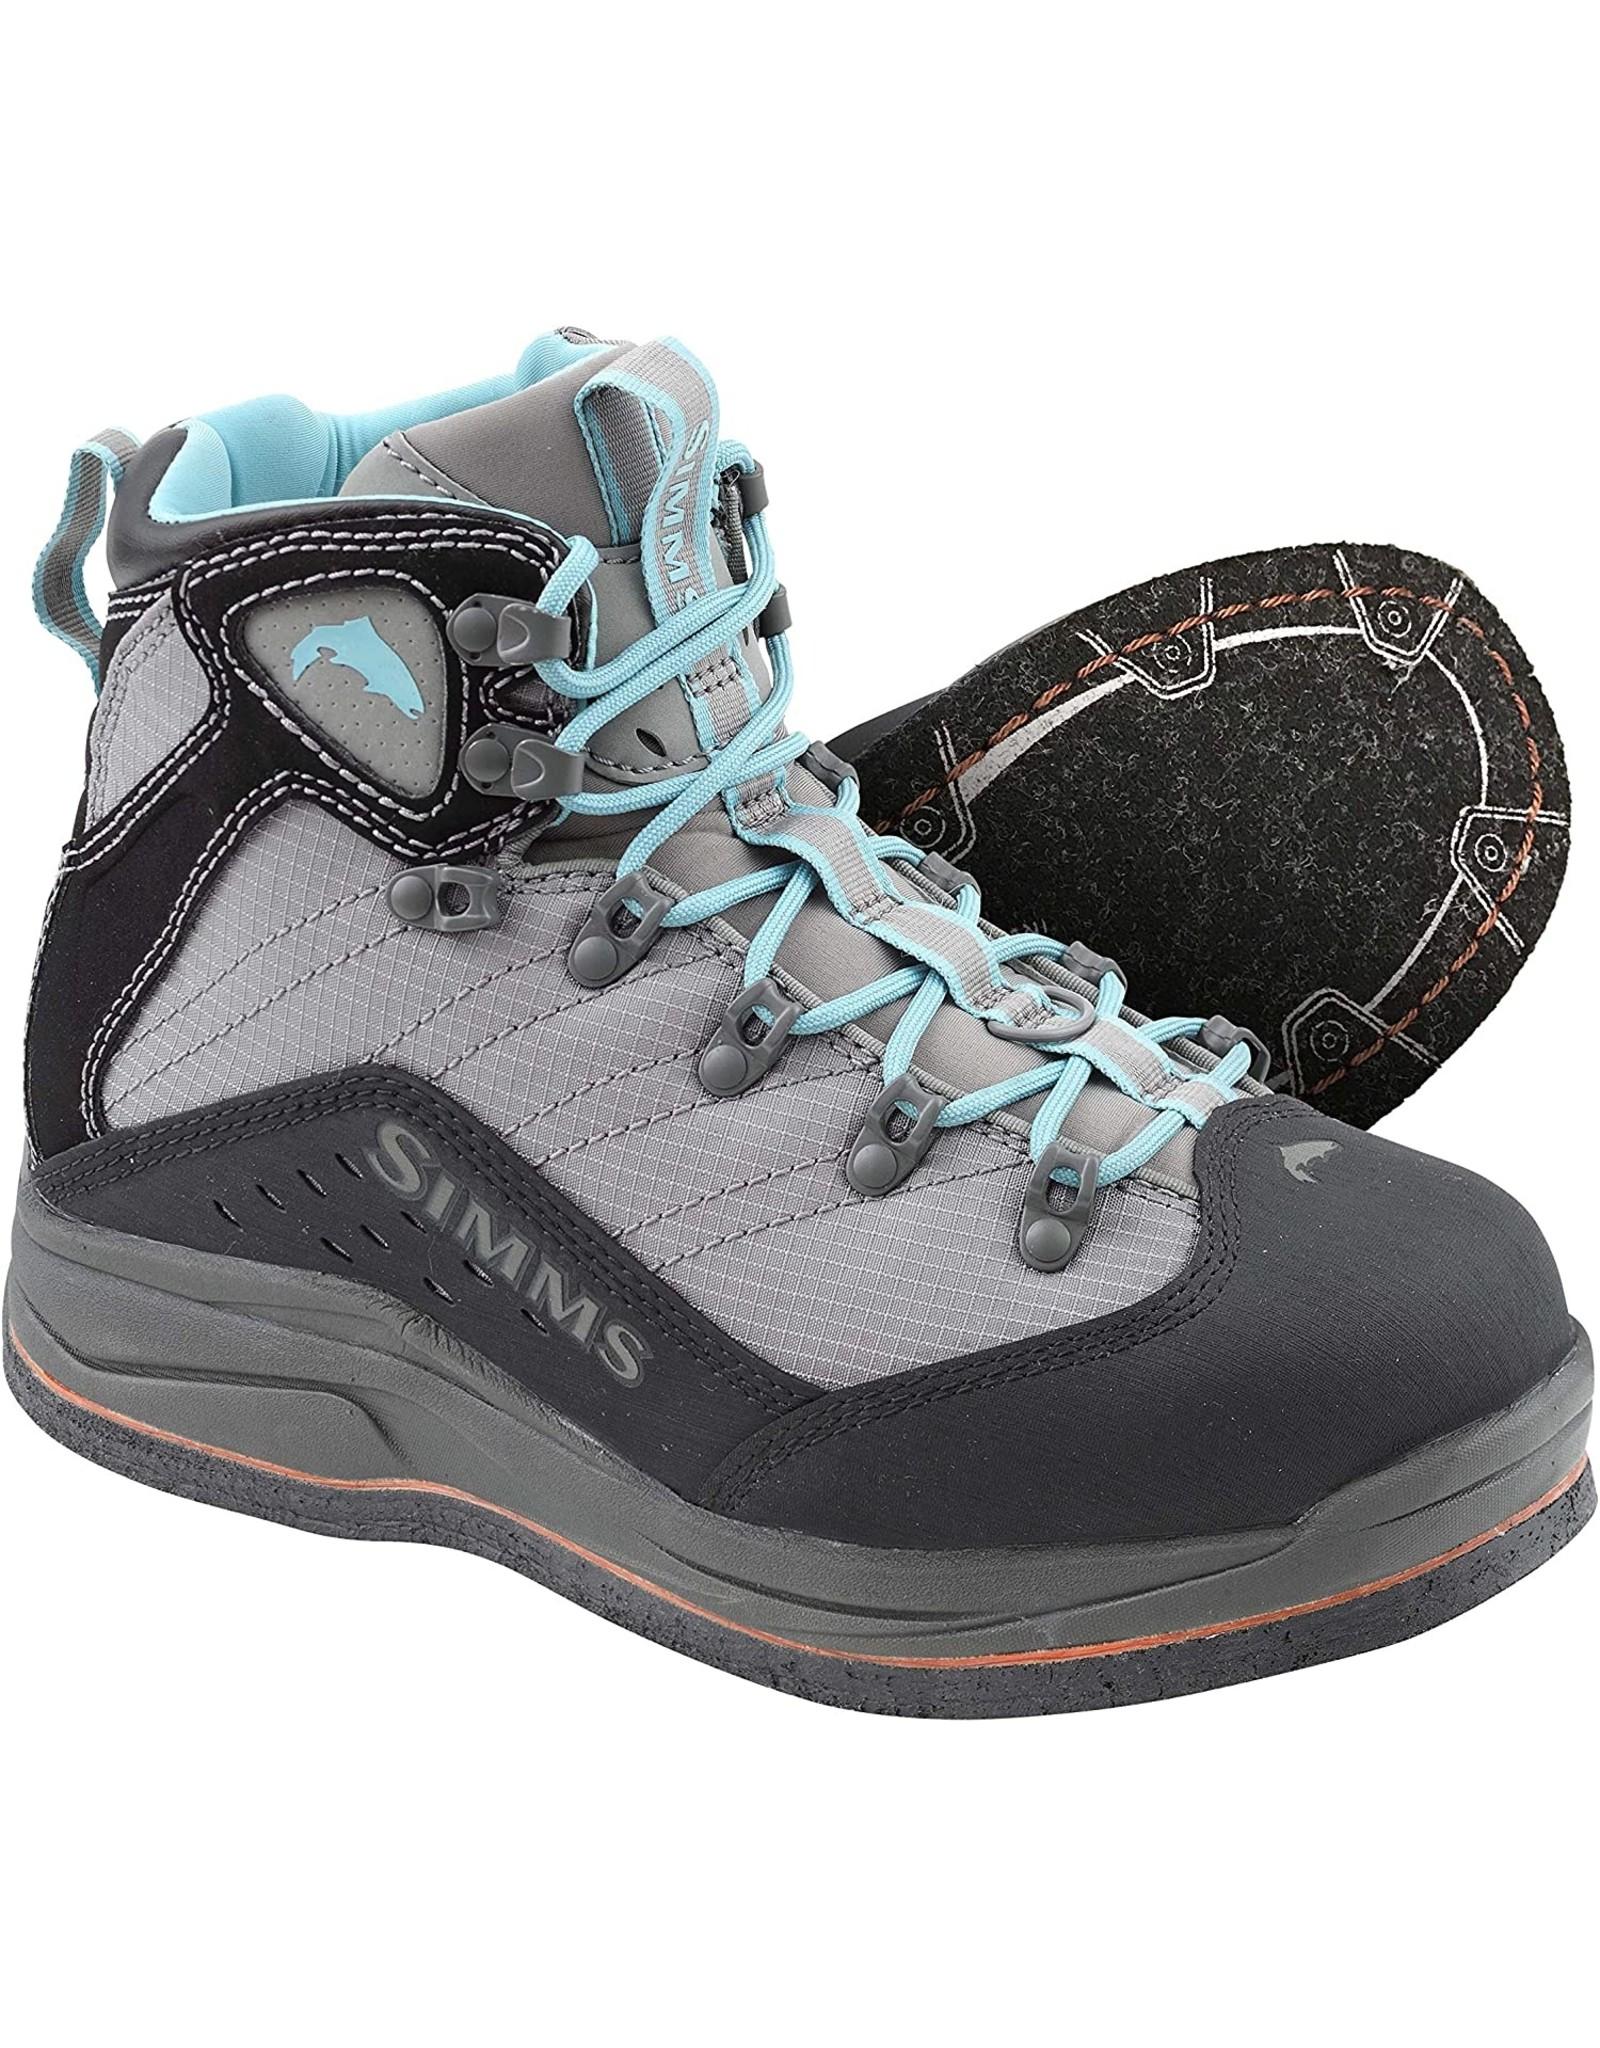 Simms Simms - Women's VaporTread Wading Boots - Felt